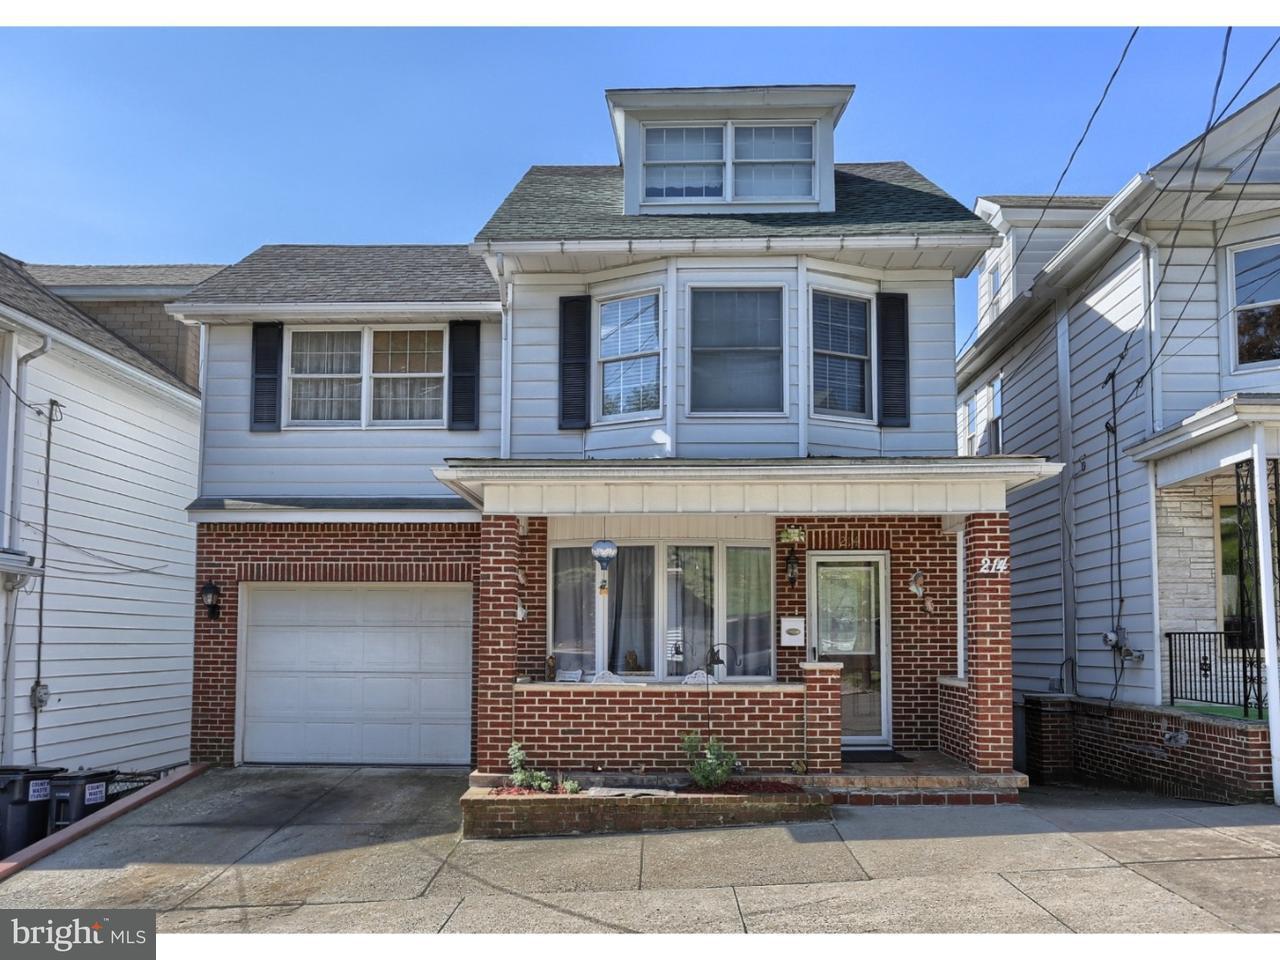 独户住宅 为 销售 在 214 OHIO Avenue Shenandoah, 宾夕法尼亚州 17976 美国